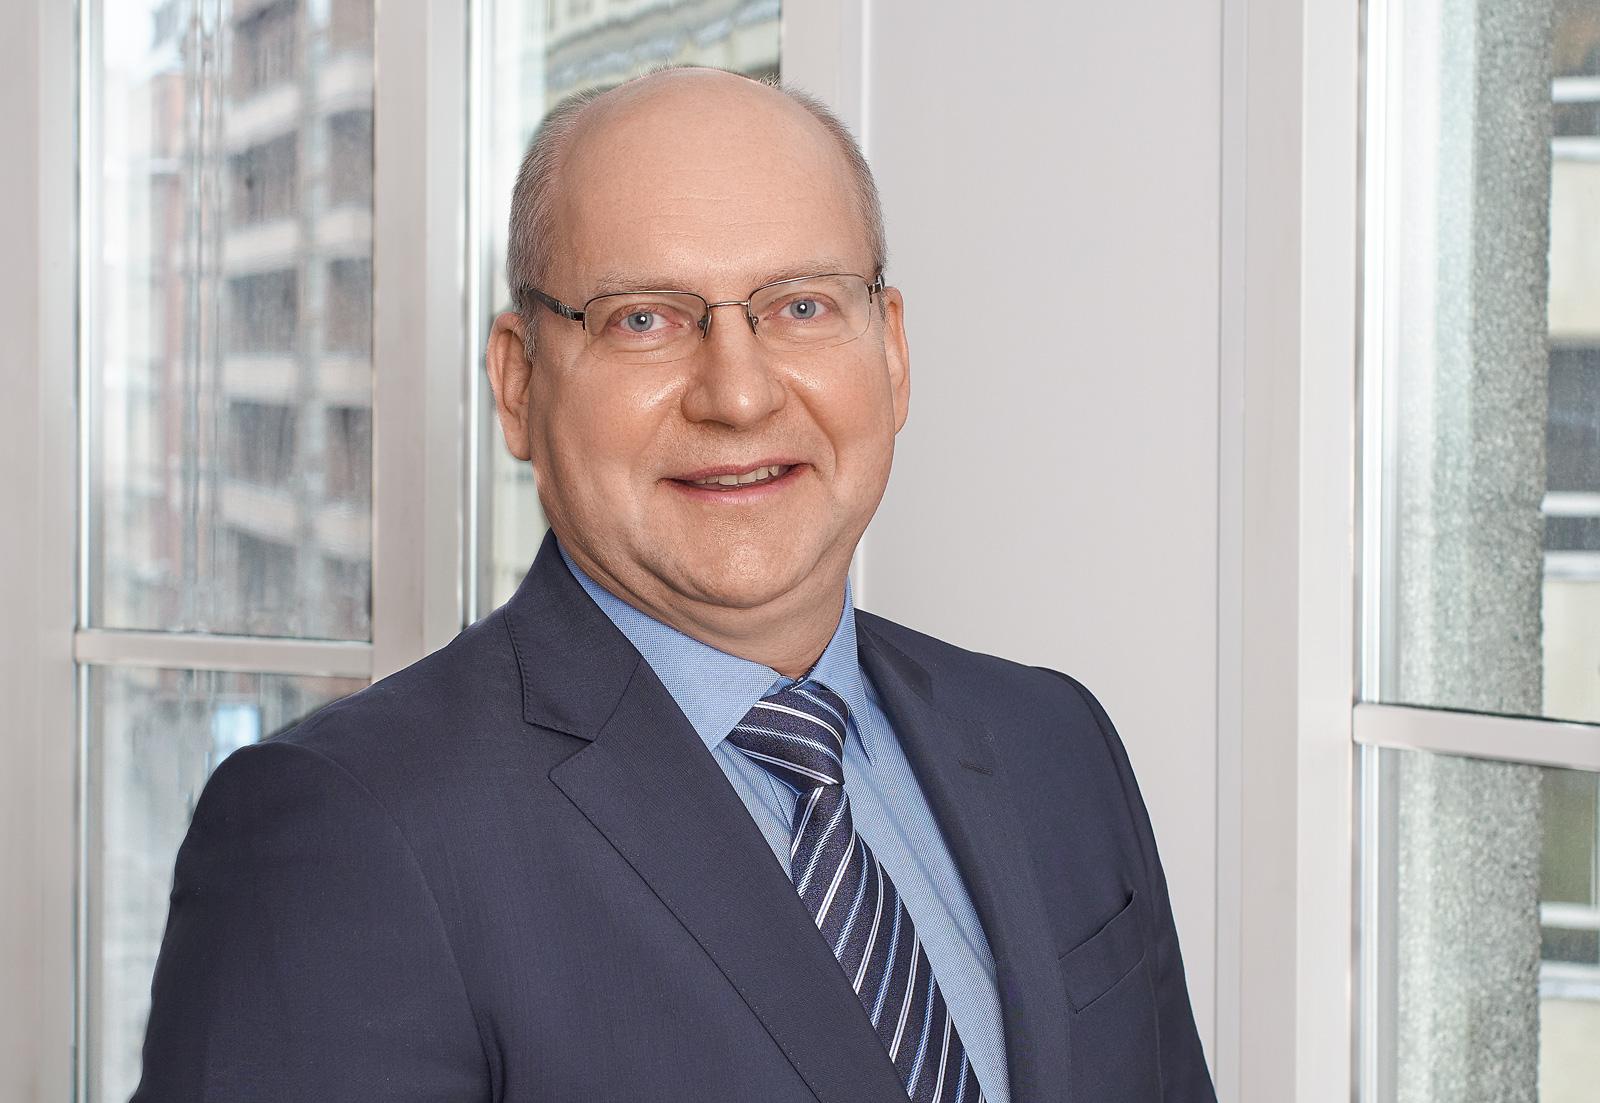 Edgars Ragels, Korporatīvo finanšu un novērtēšanas nodaļas direktors